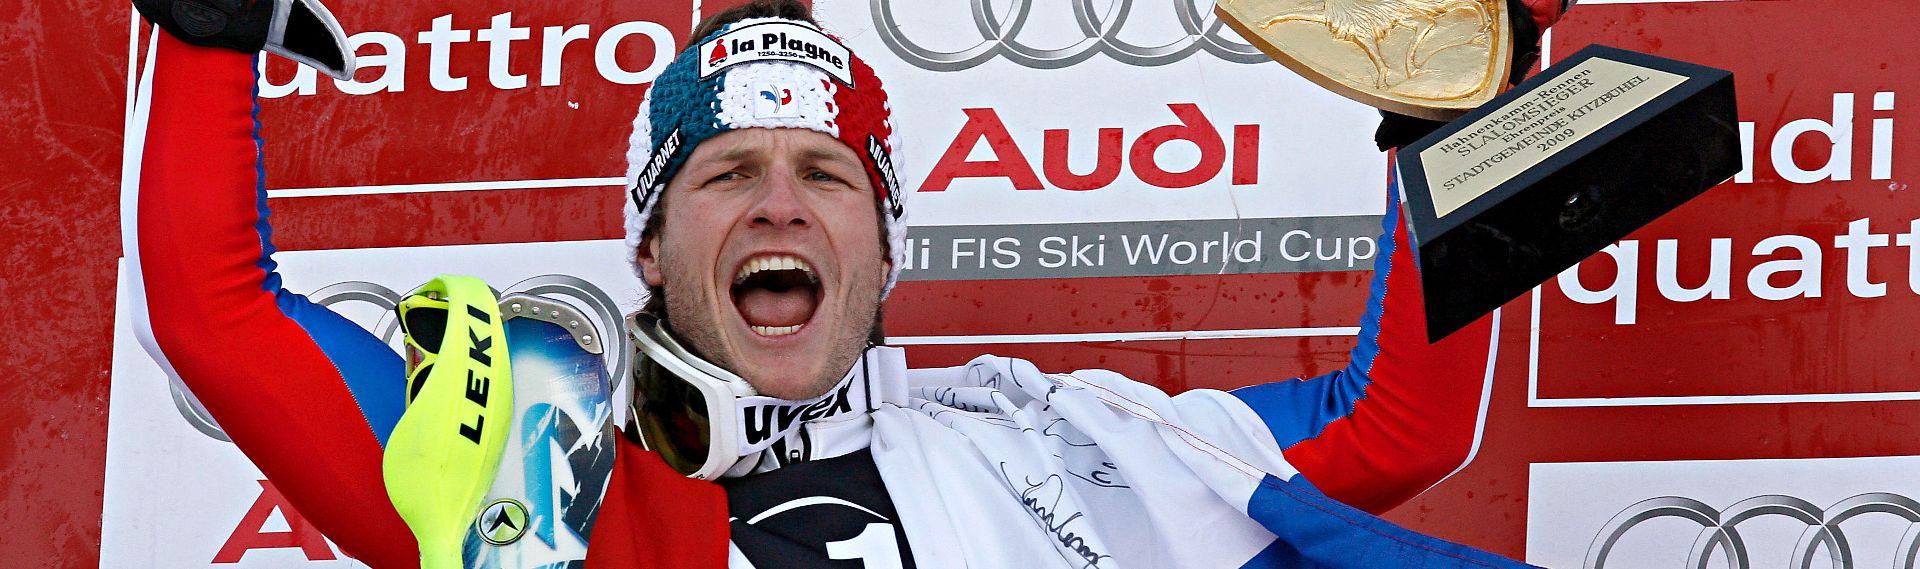 Julien-L-Membre de l'équipe de France et vice-champion du monde 2011-3